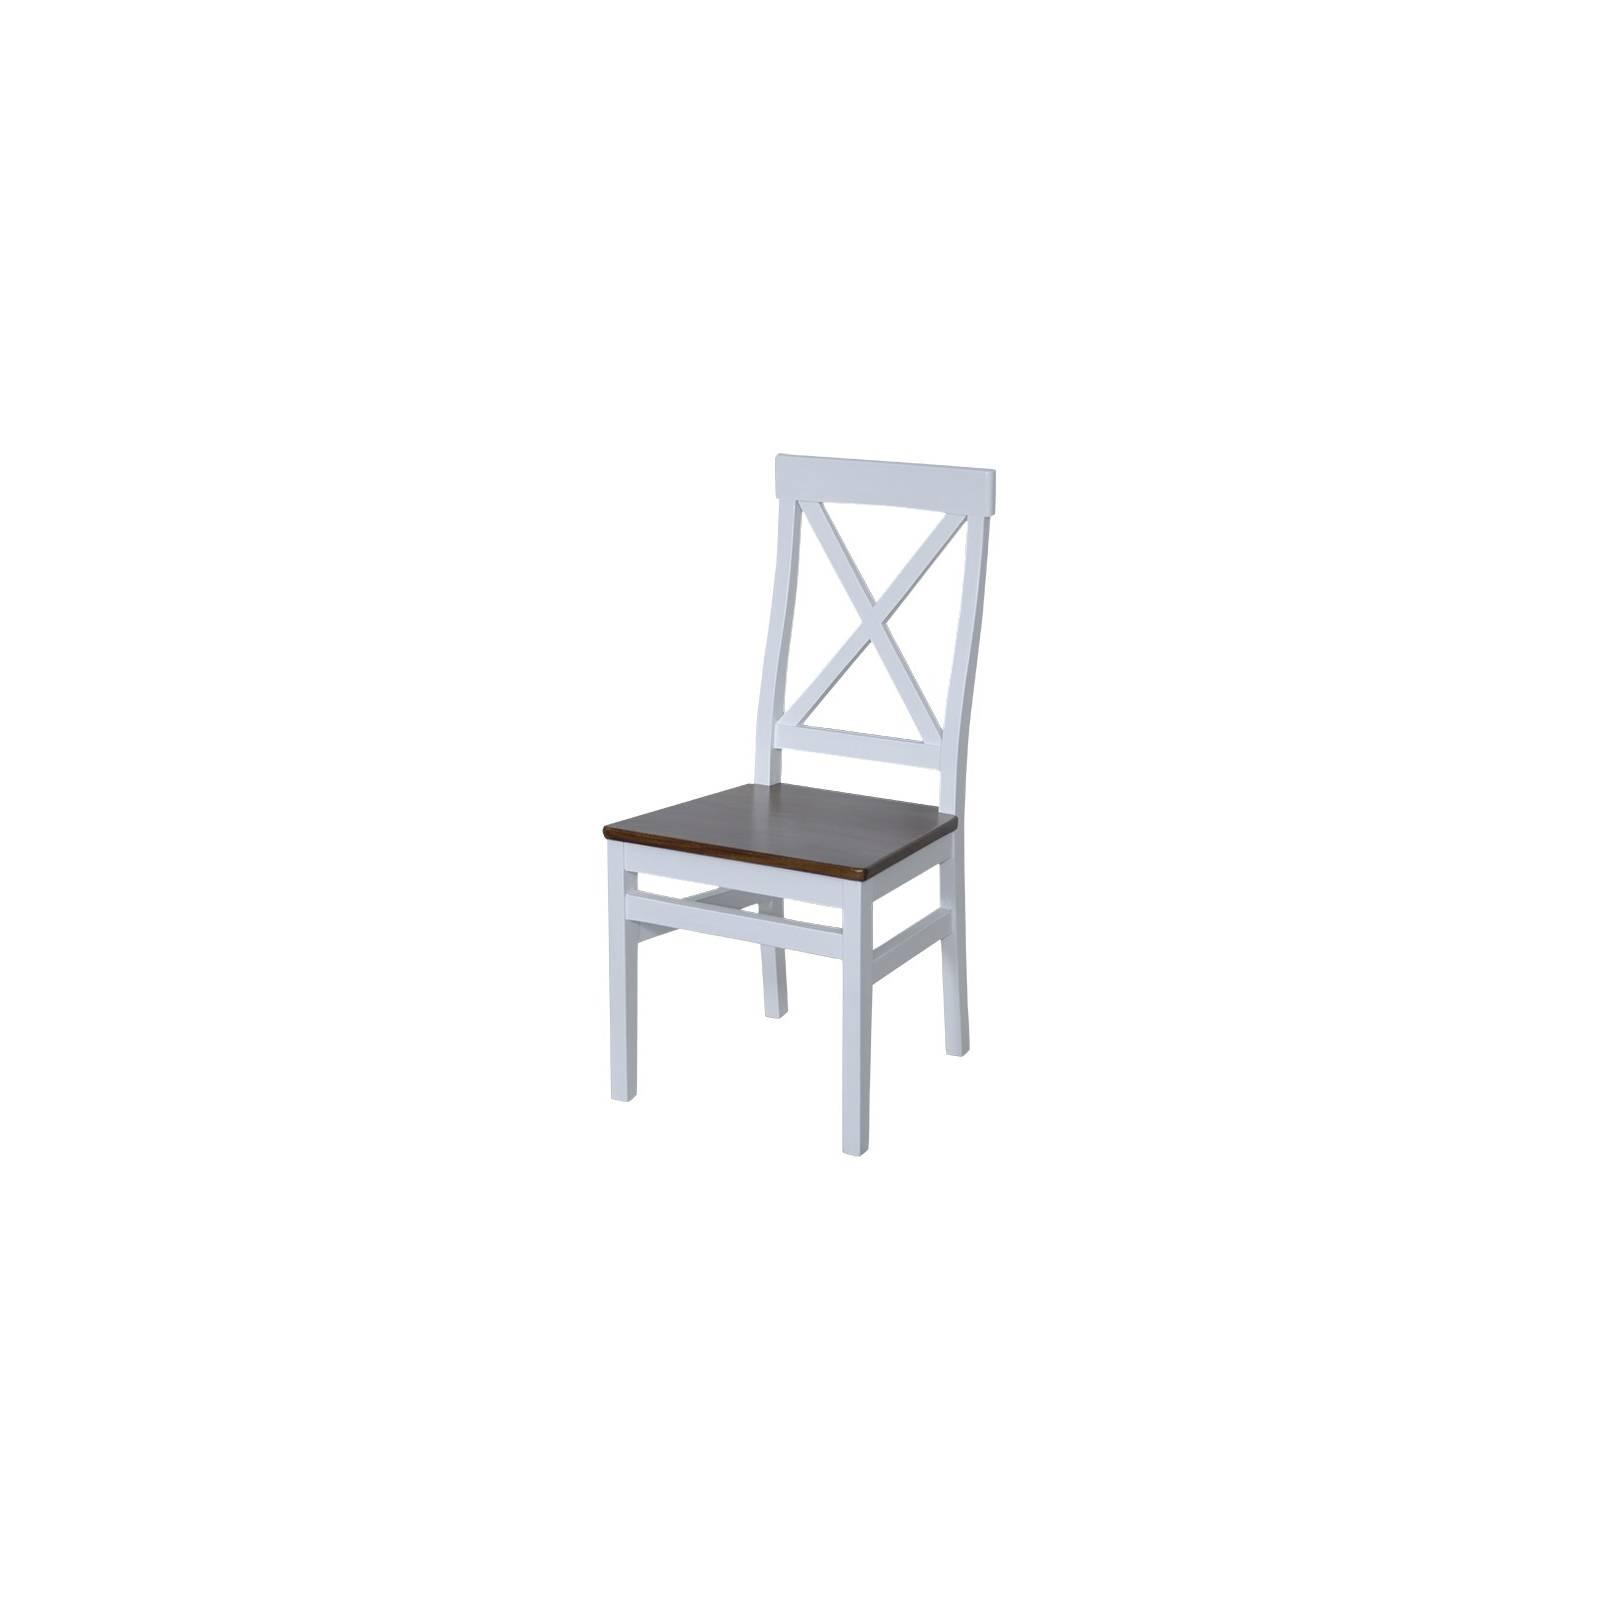 Chaise Bokéo Manguier - meuble bois exotique